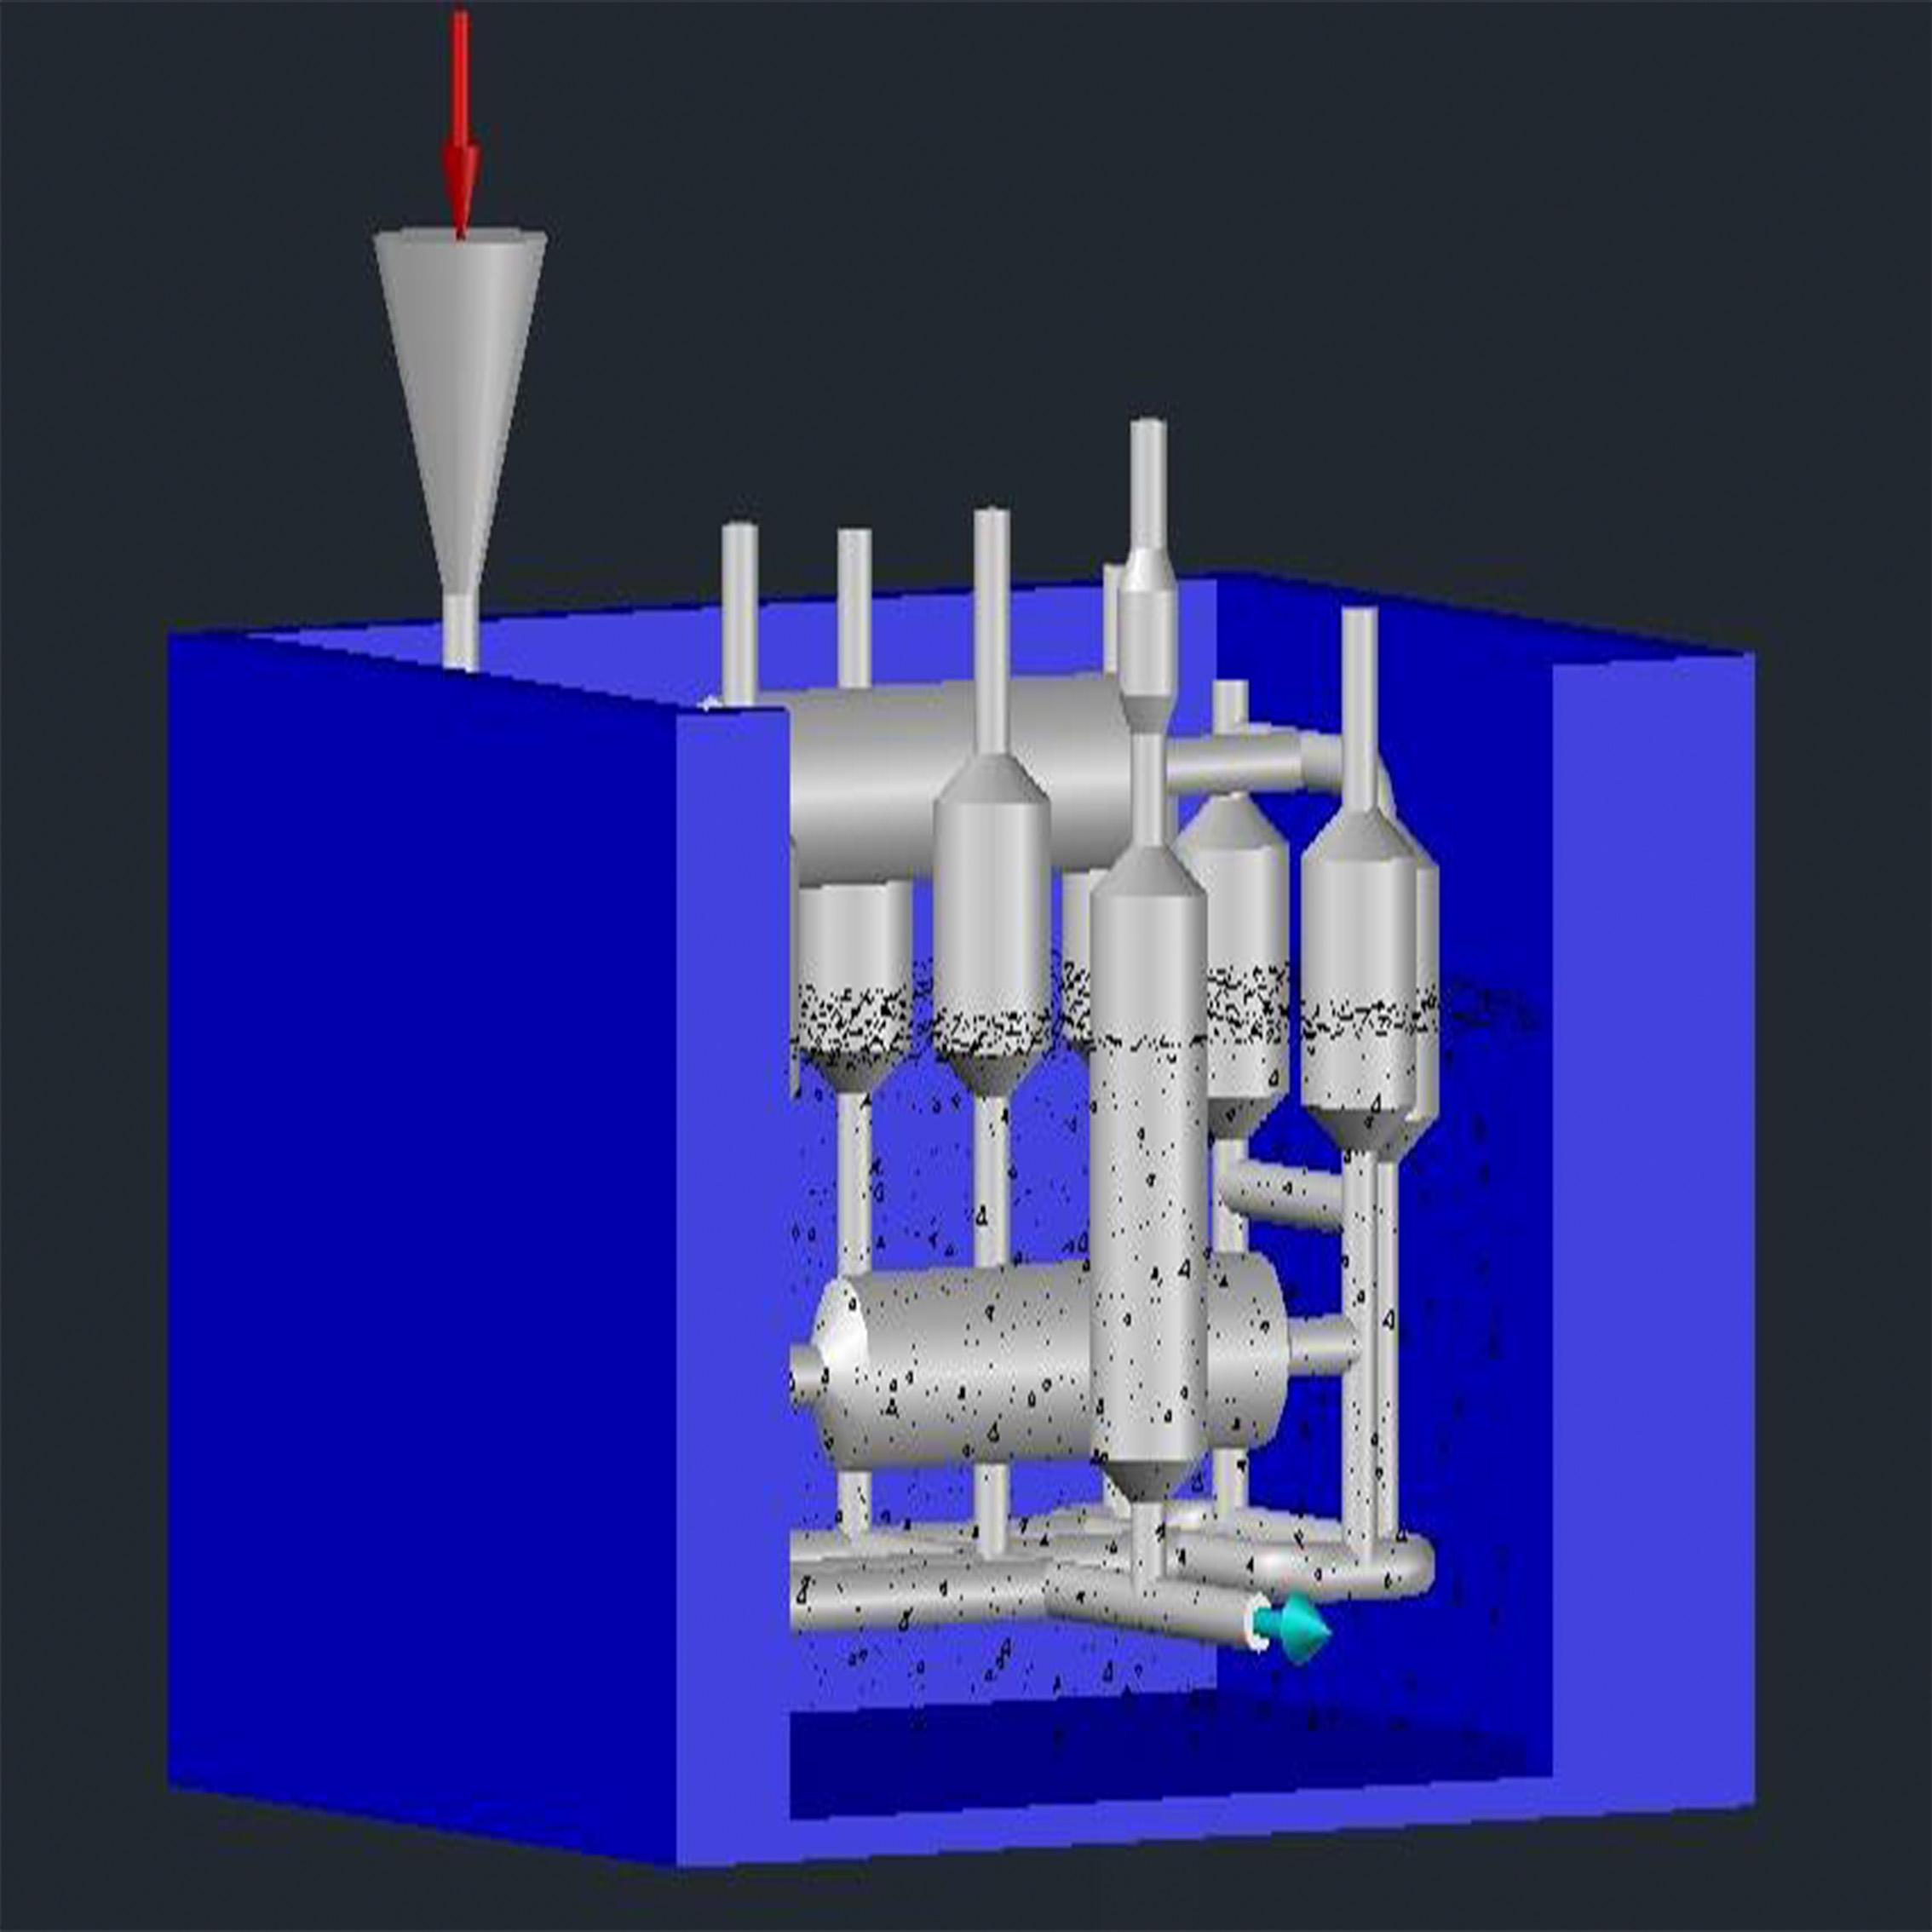 xử lý nước thải nha khoa bằng công nghệ MET